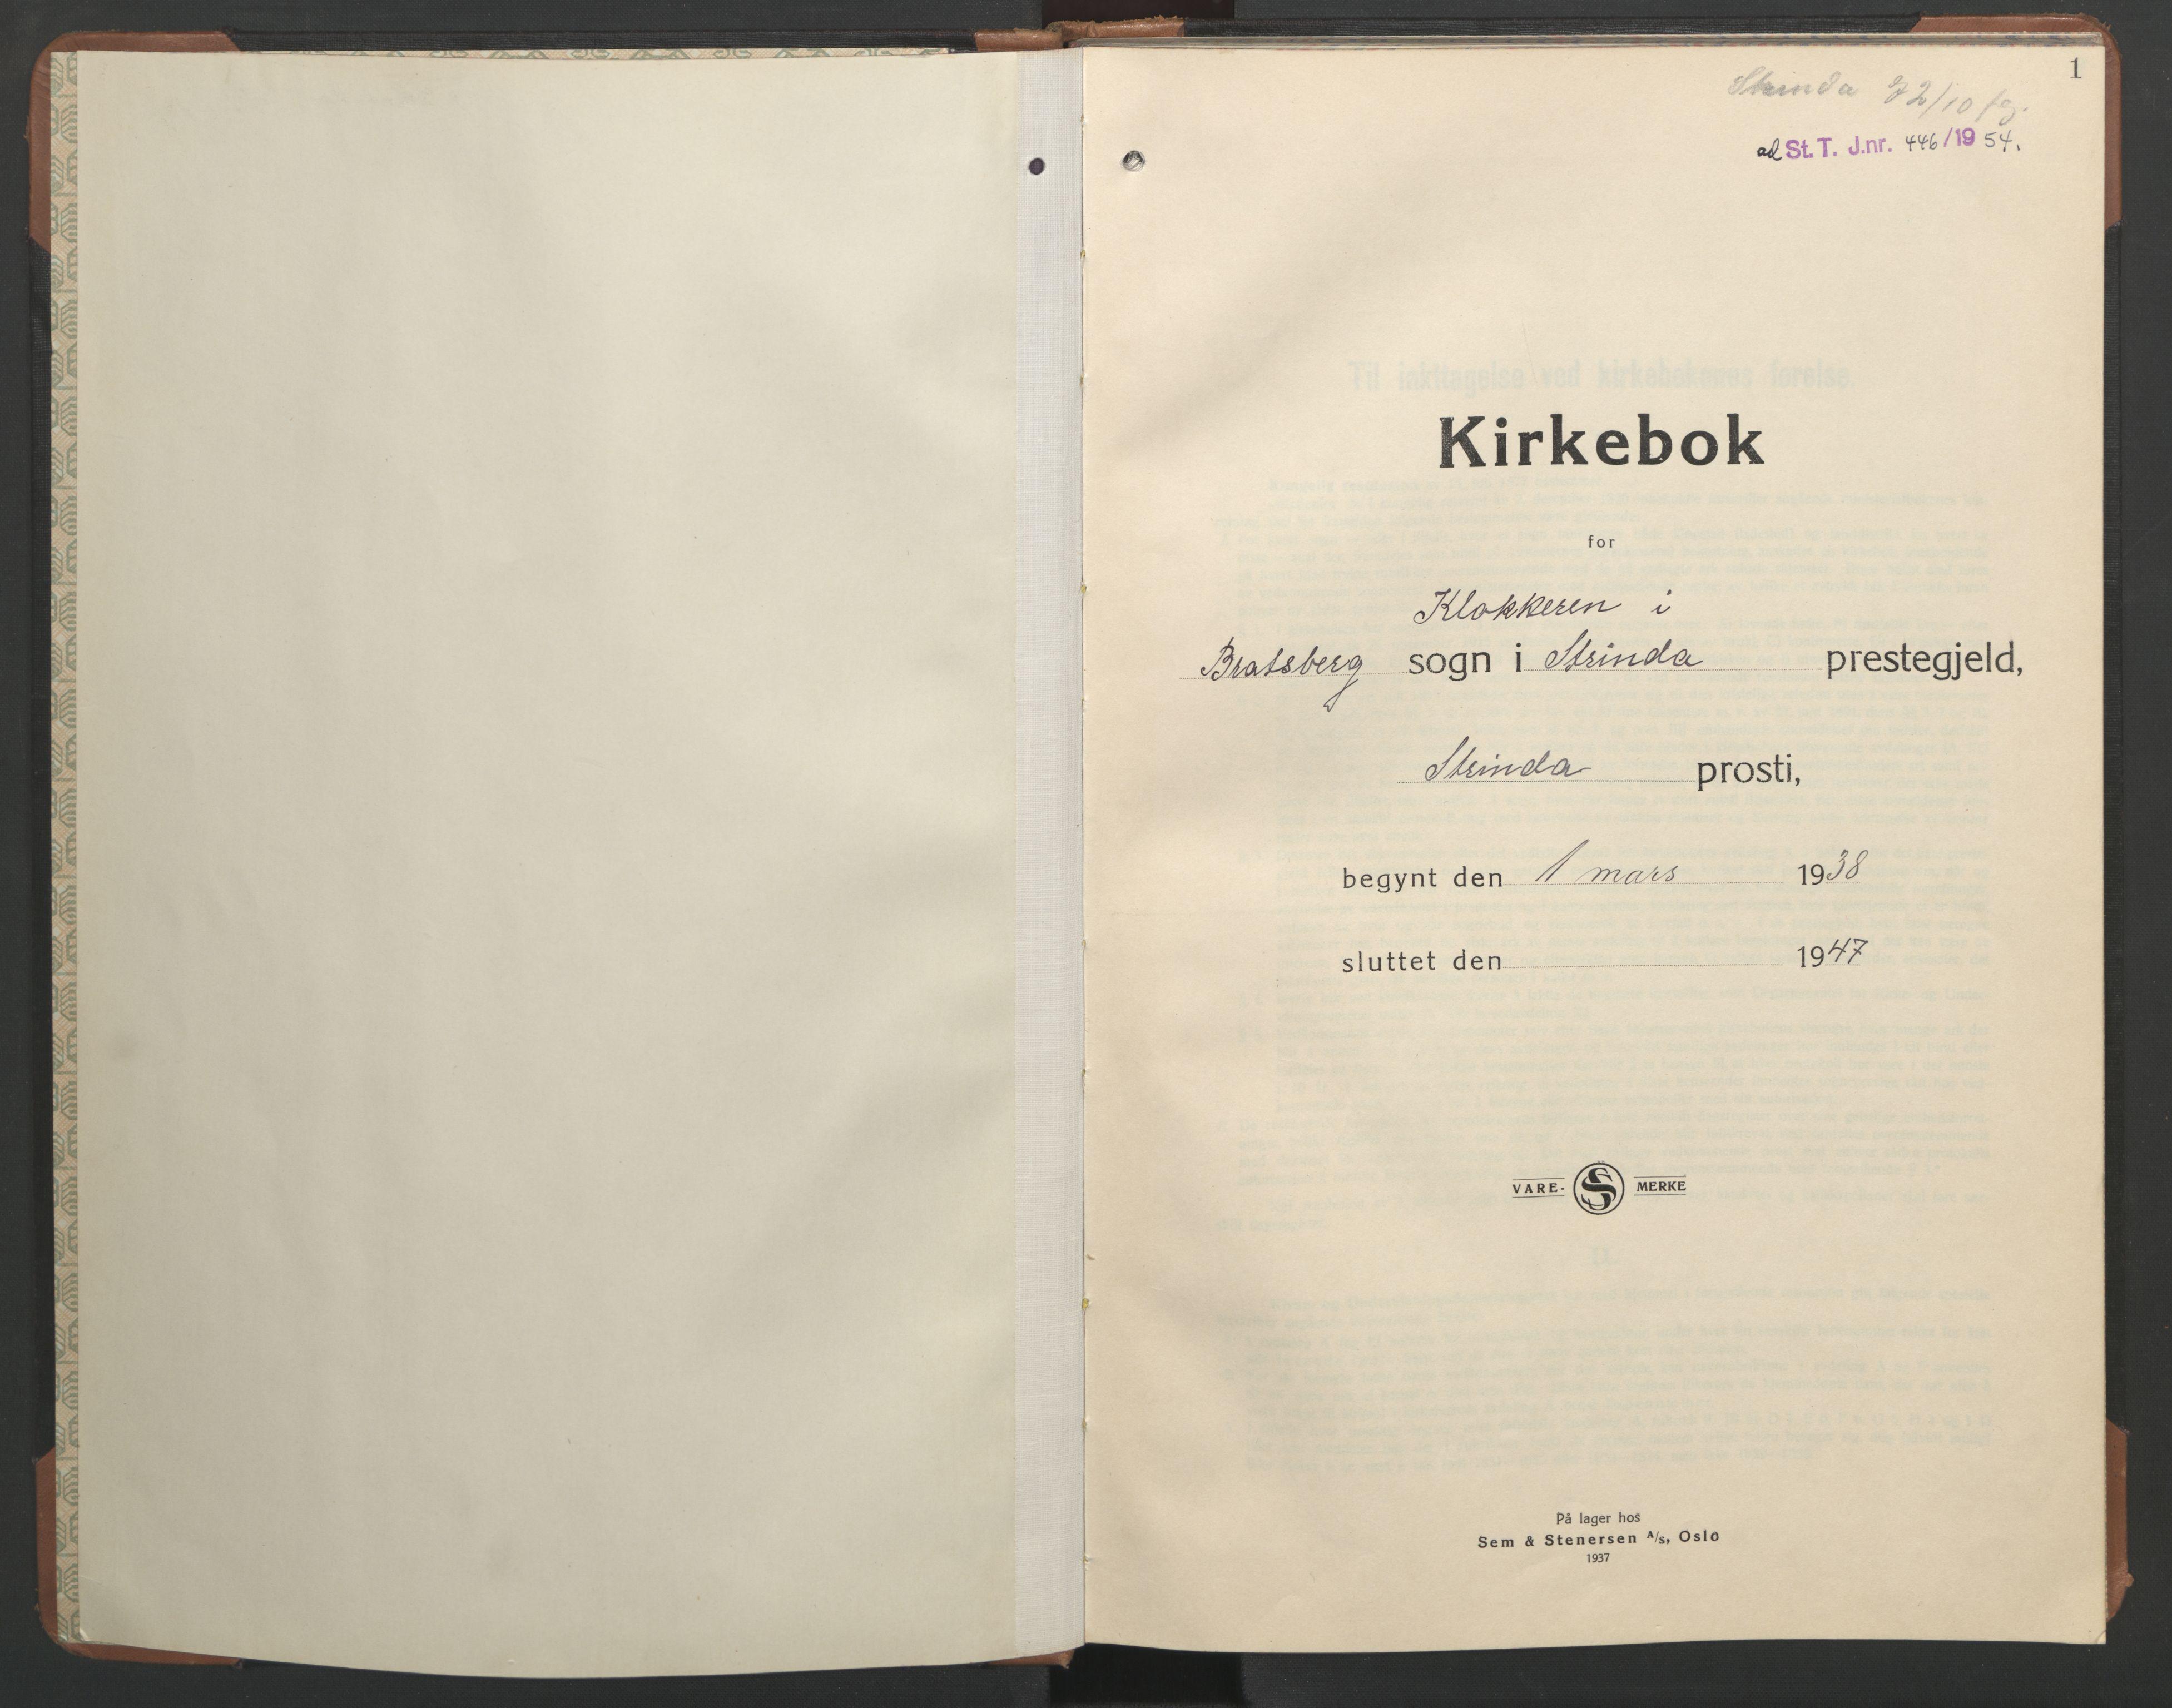 SAT, Ministerialprotokoller, klokkerbøker og fødselsregistre - Sør-Trøndelag, 608/L0343: Klokkerbok nr. 608C09, 1938-1952, s. 1